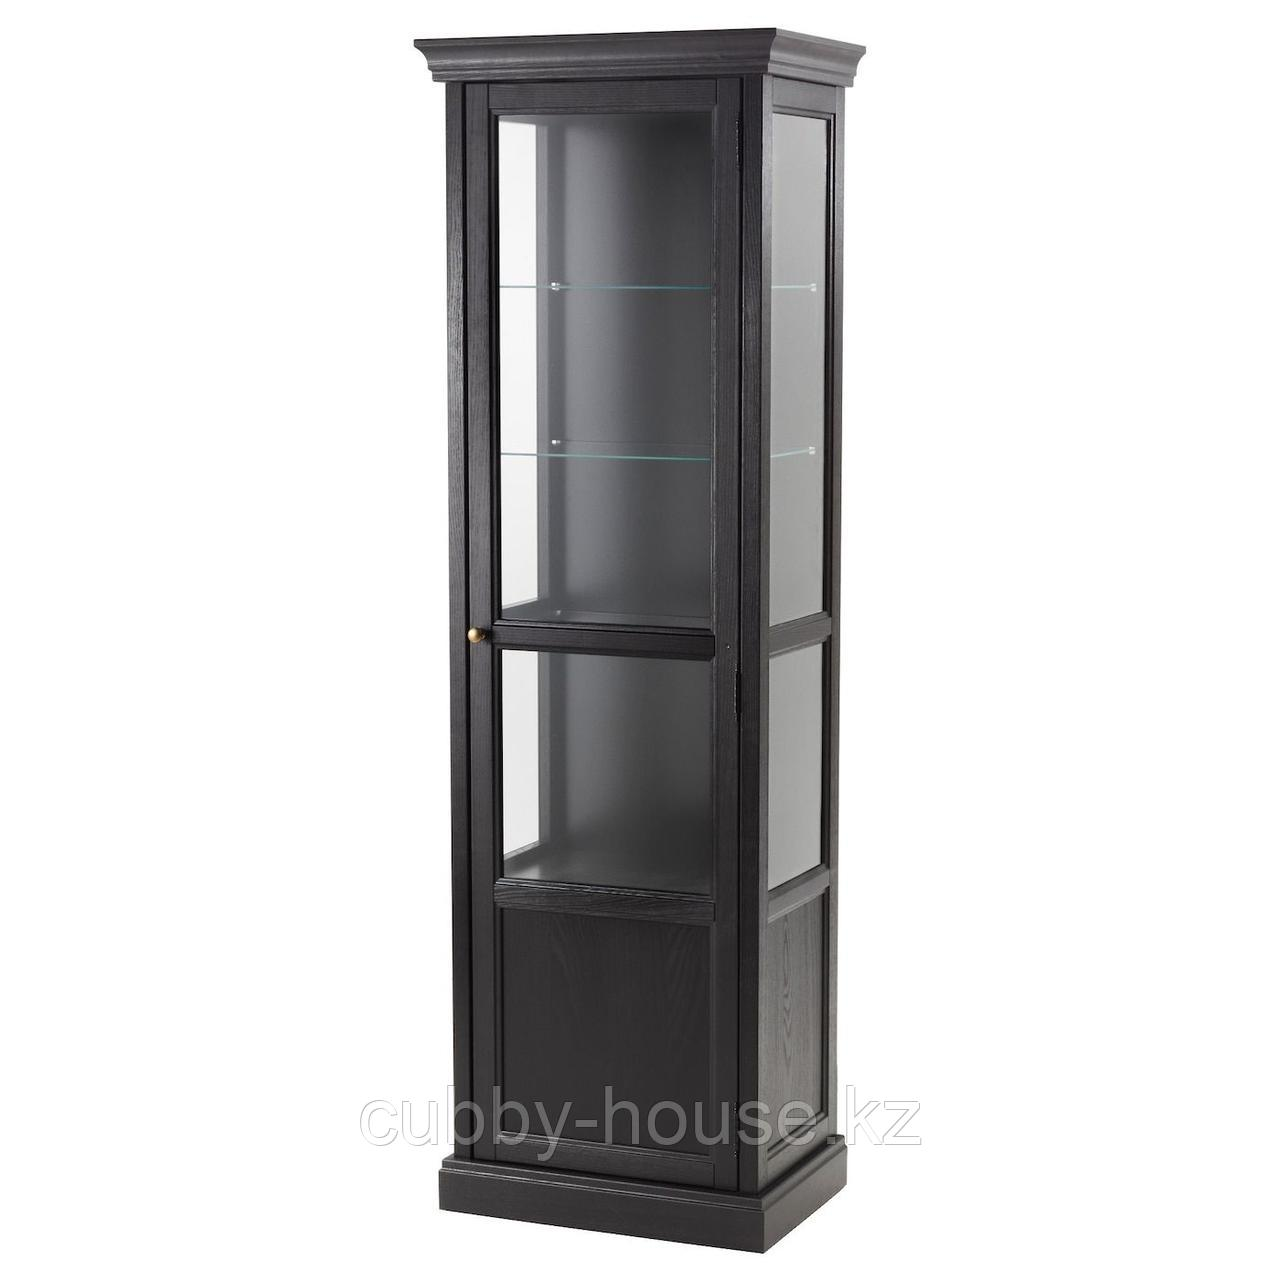 МАЛЬШЁ Шкаф-витрина, черная морилка, 60x40x186 см